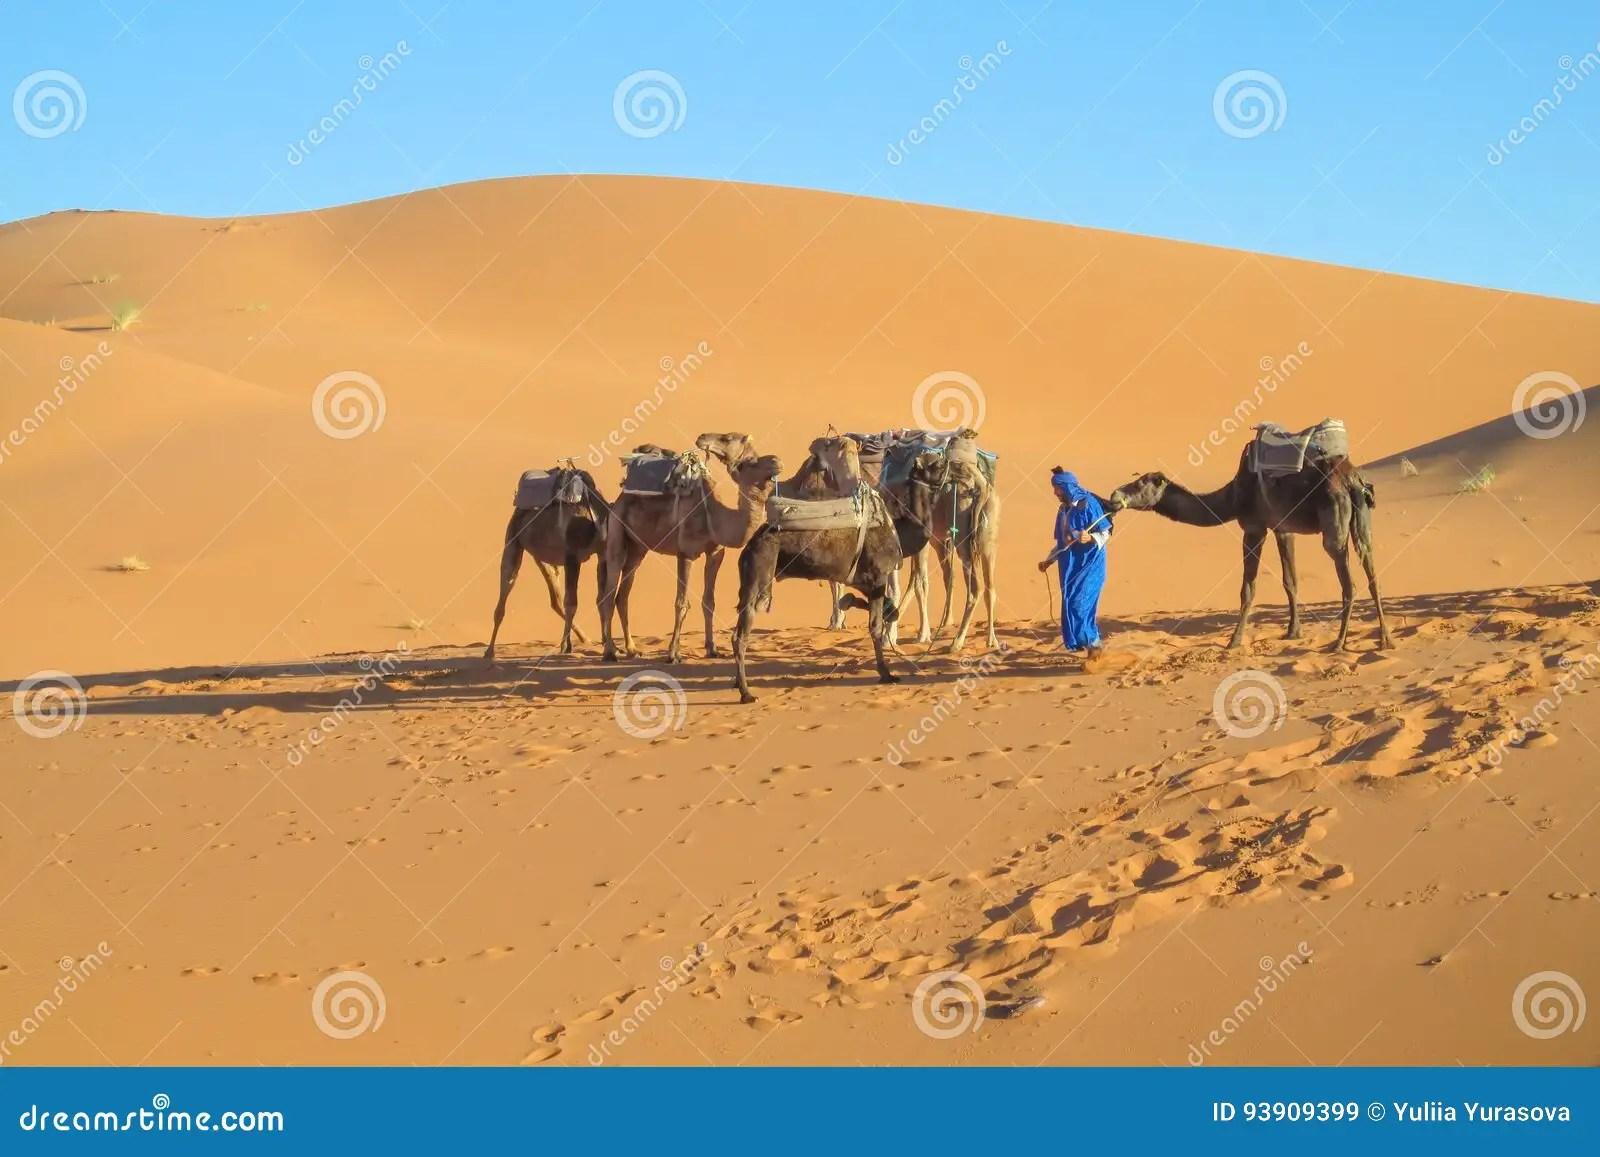 Tourist Camel Caravan In Africa Sand Desert Dunes